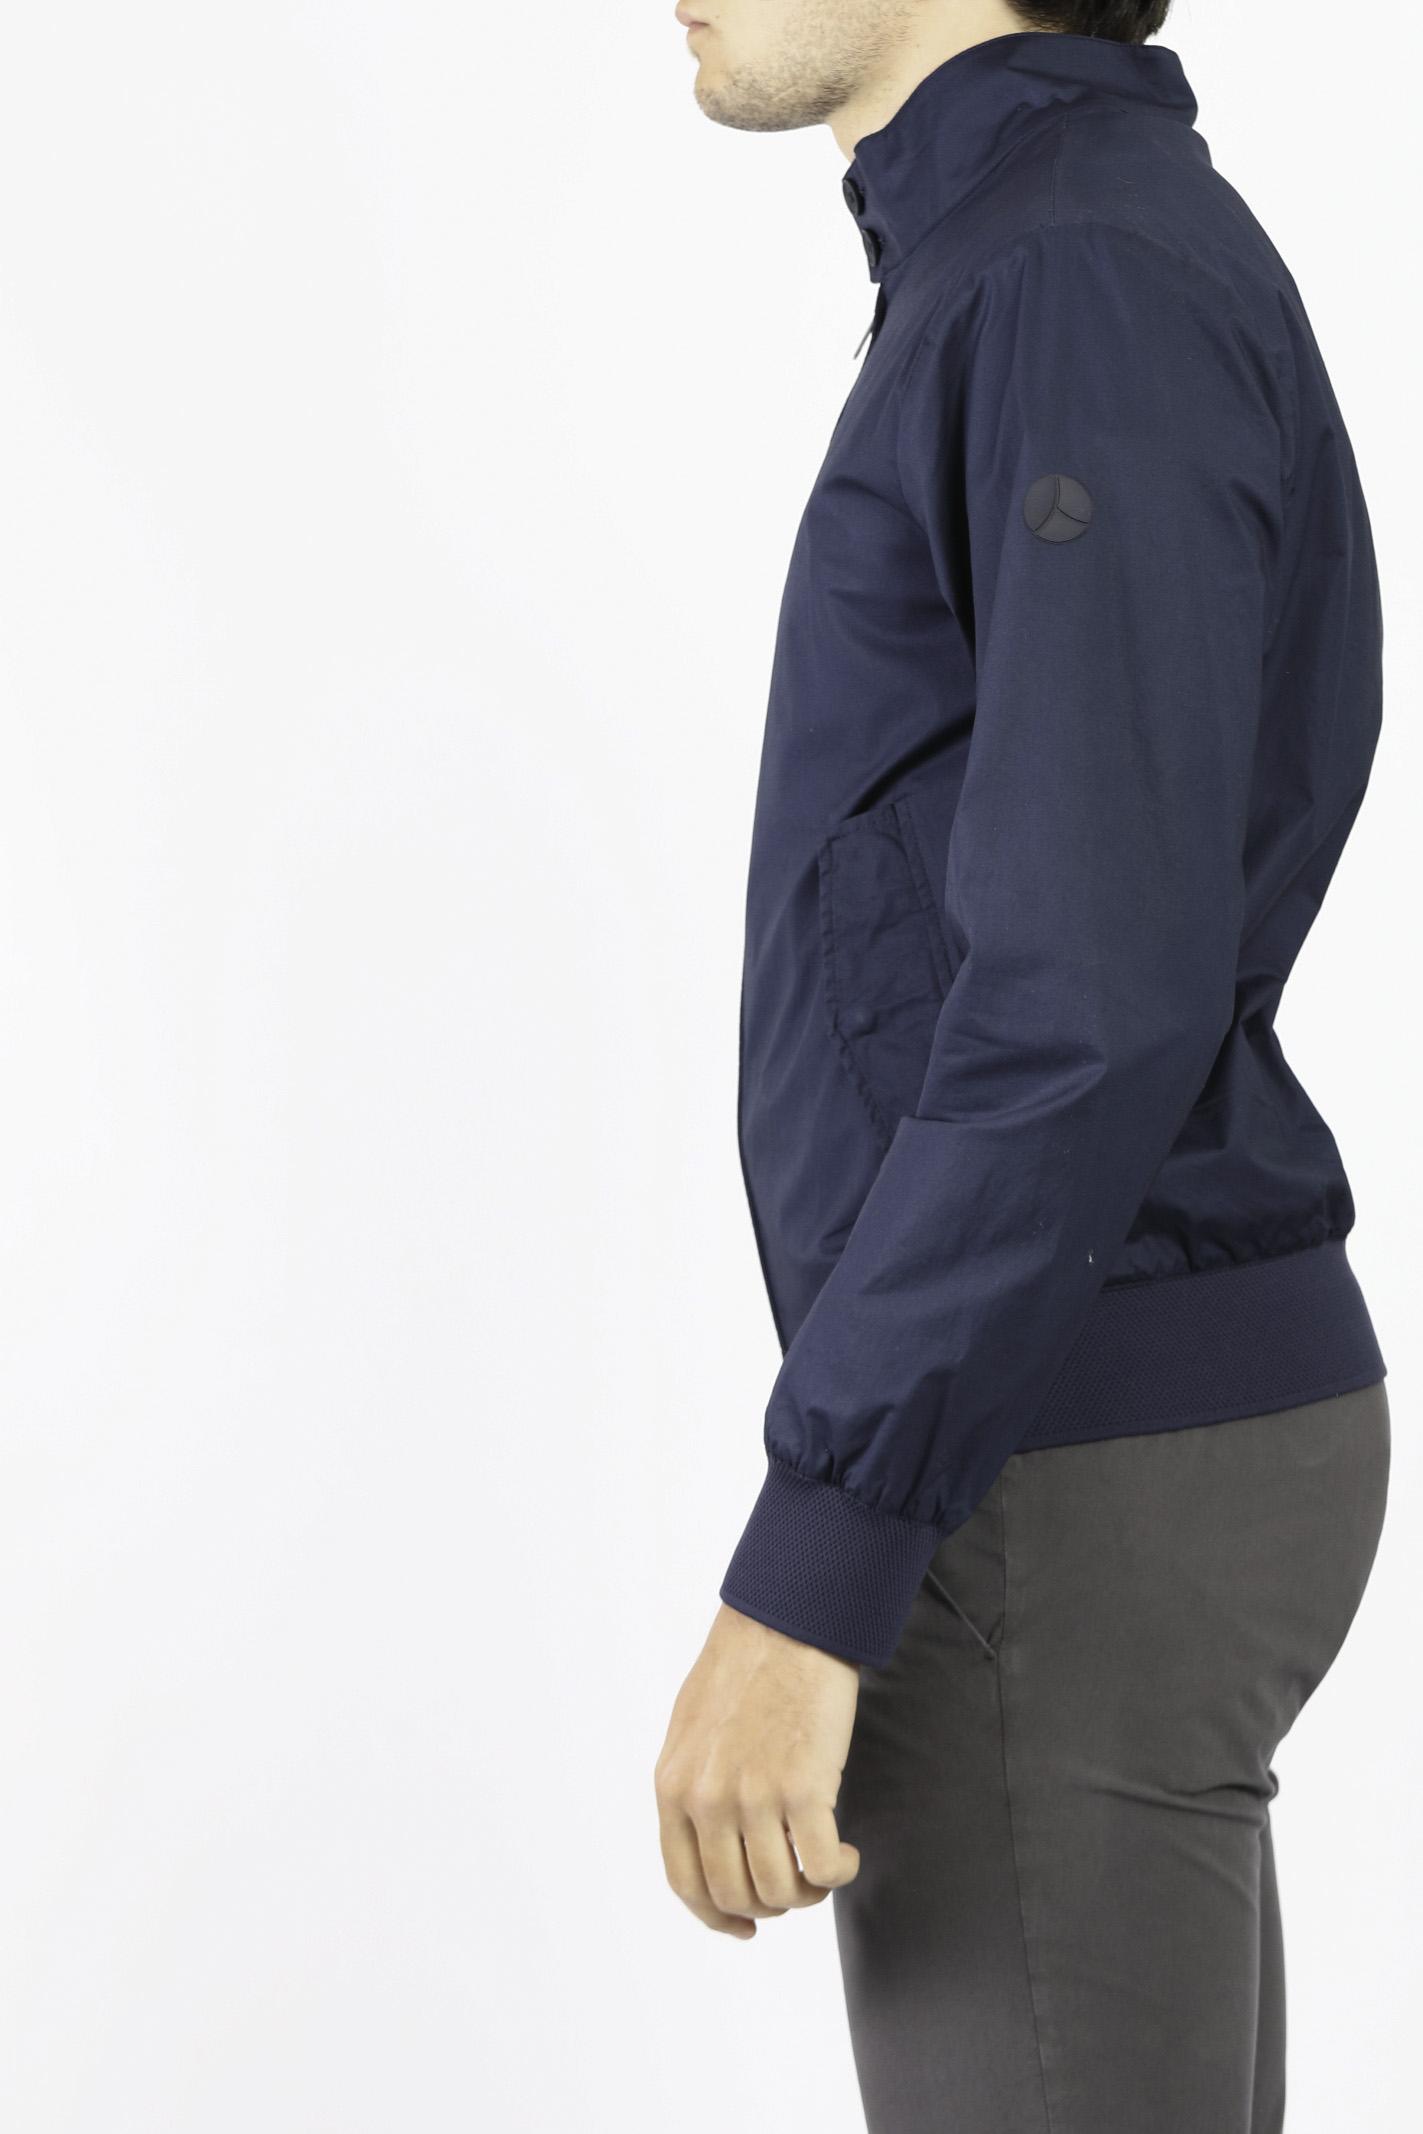 PEOPLE OF SHIBUYA   Coats   RYOKO-PM659790